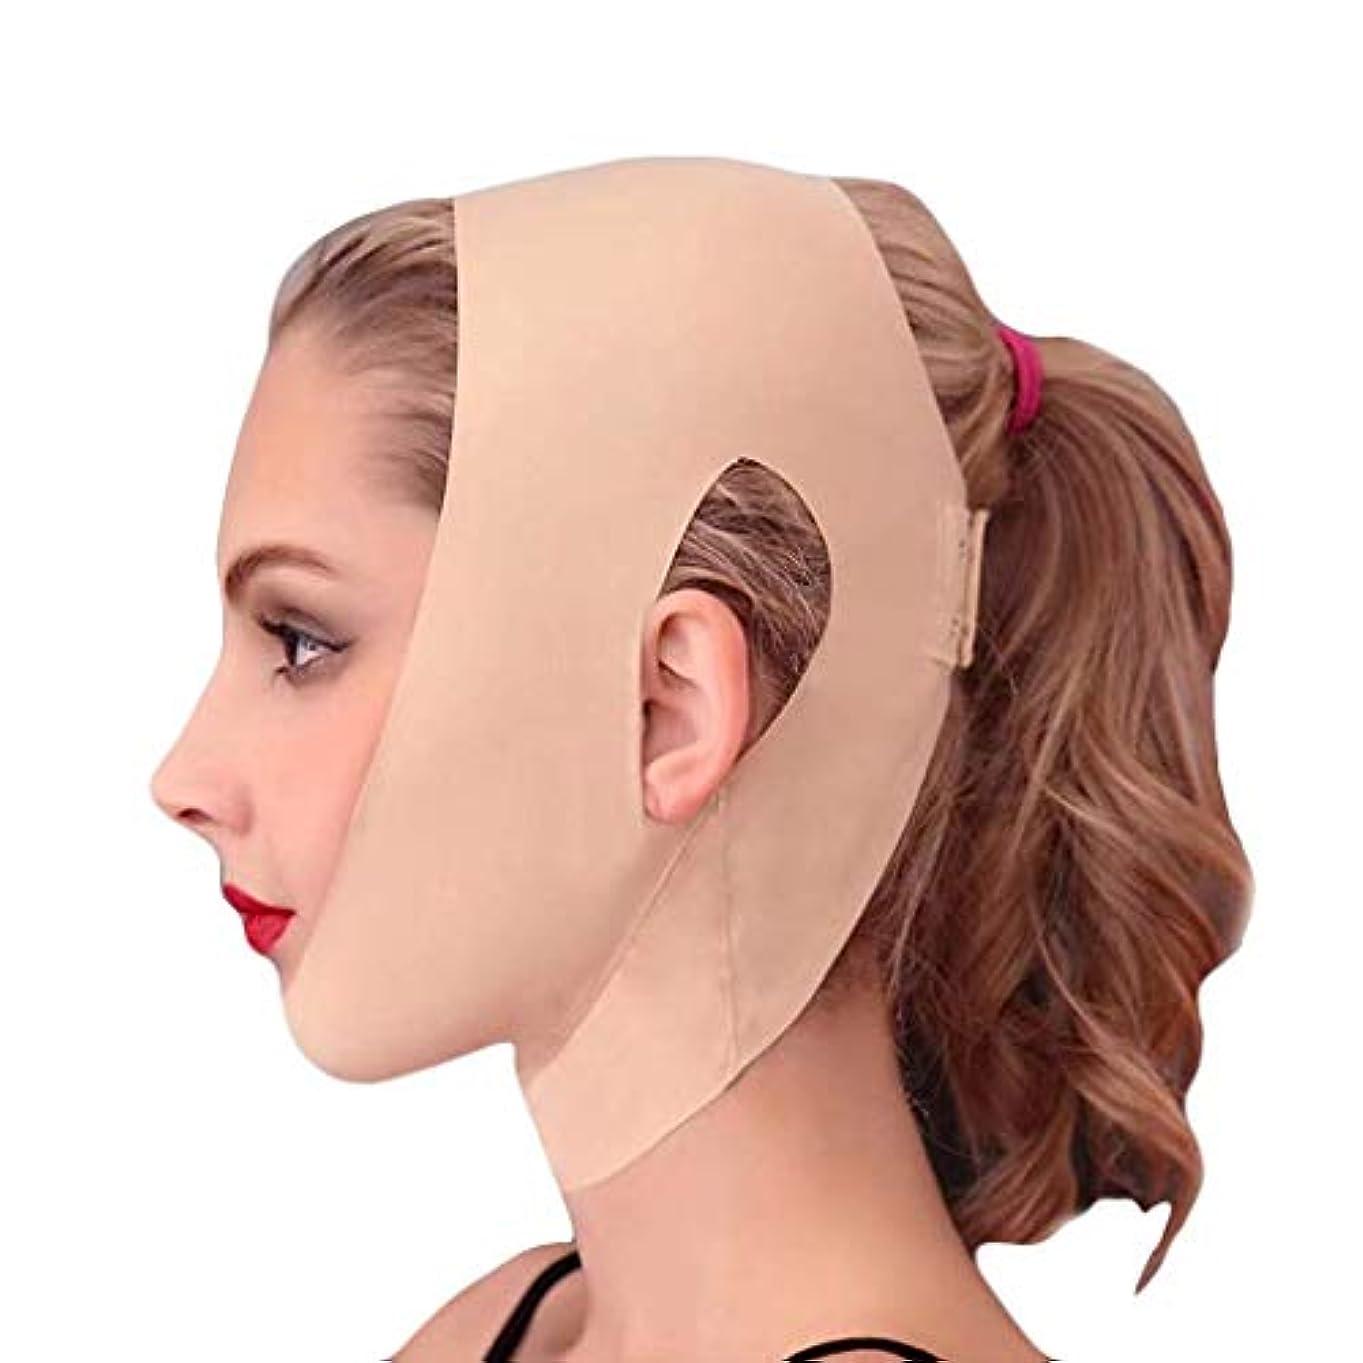 運河管理者オレンジ持ち上がるしっかりした包帯のための顔の持ち上がる用具、表面持ち上がること、引き締まること、顔の減量ベルト